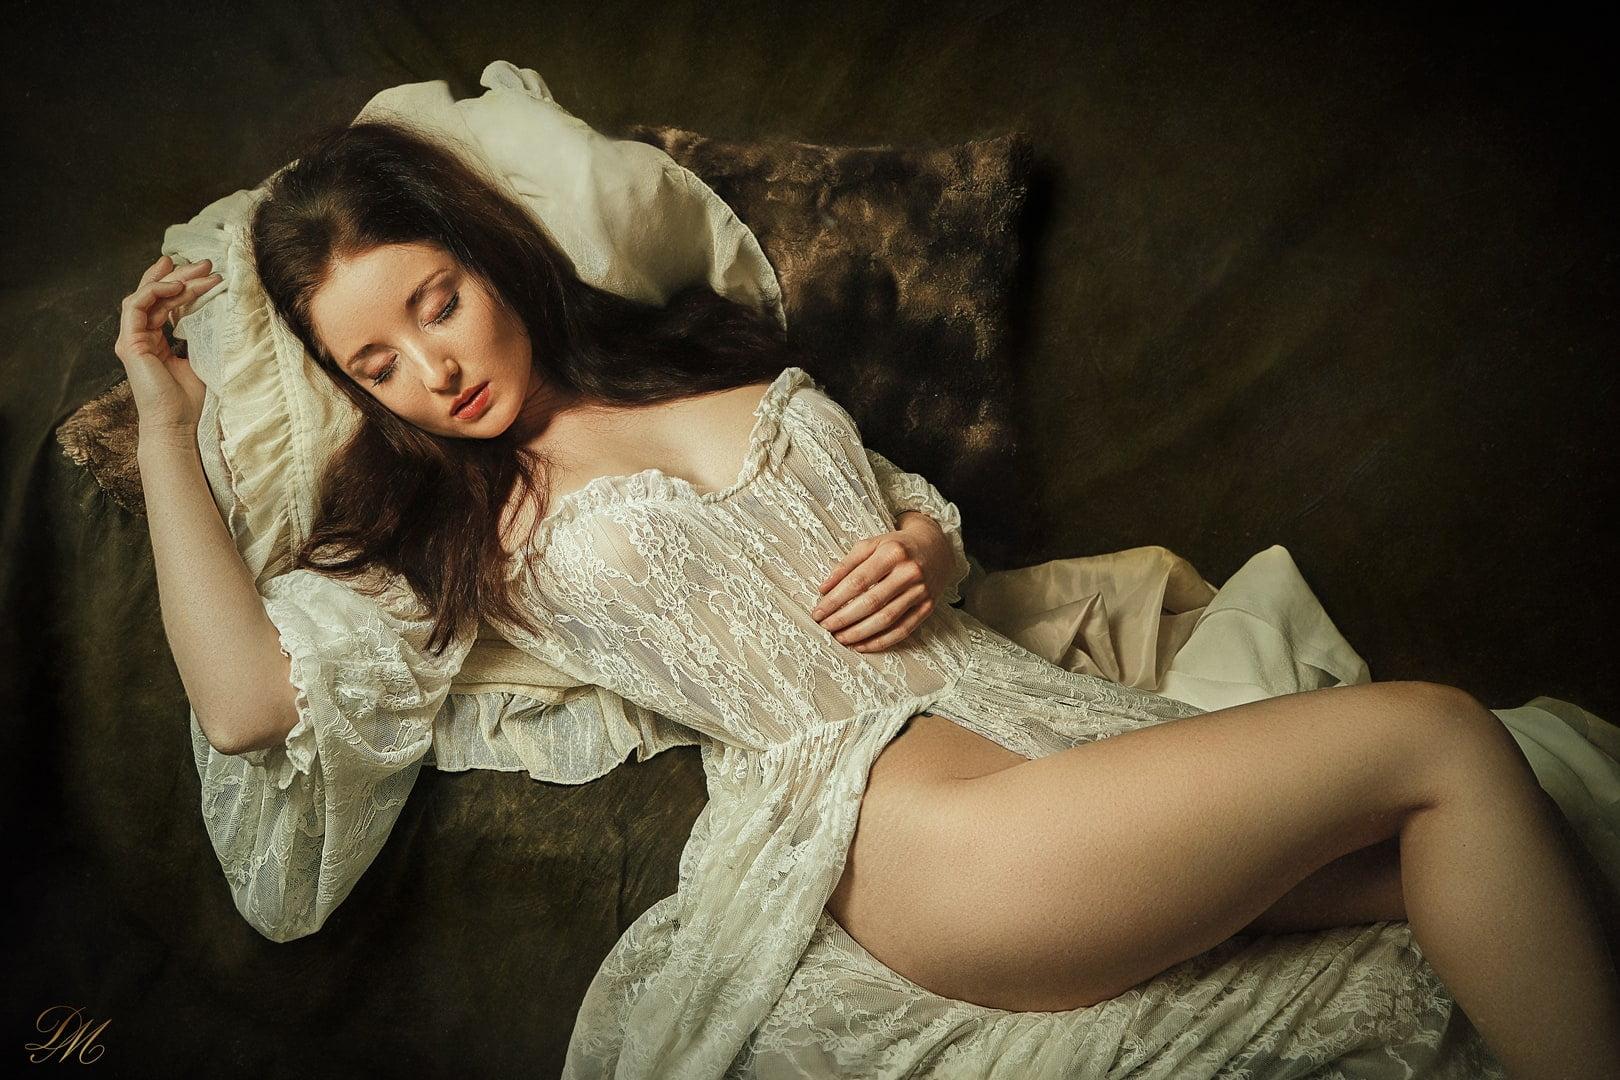 Photographe-strasbourg-boudoir-lingerie-molina-32